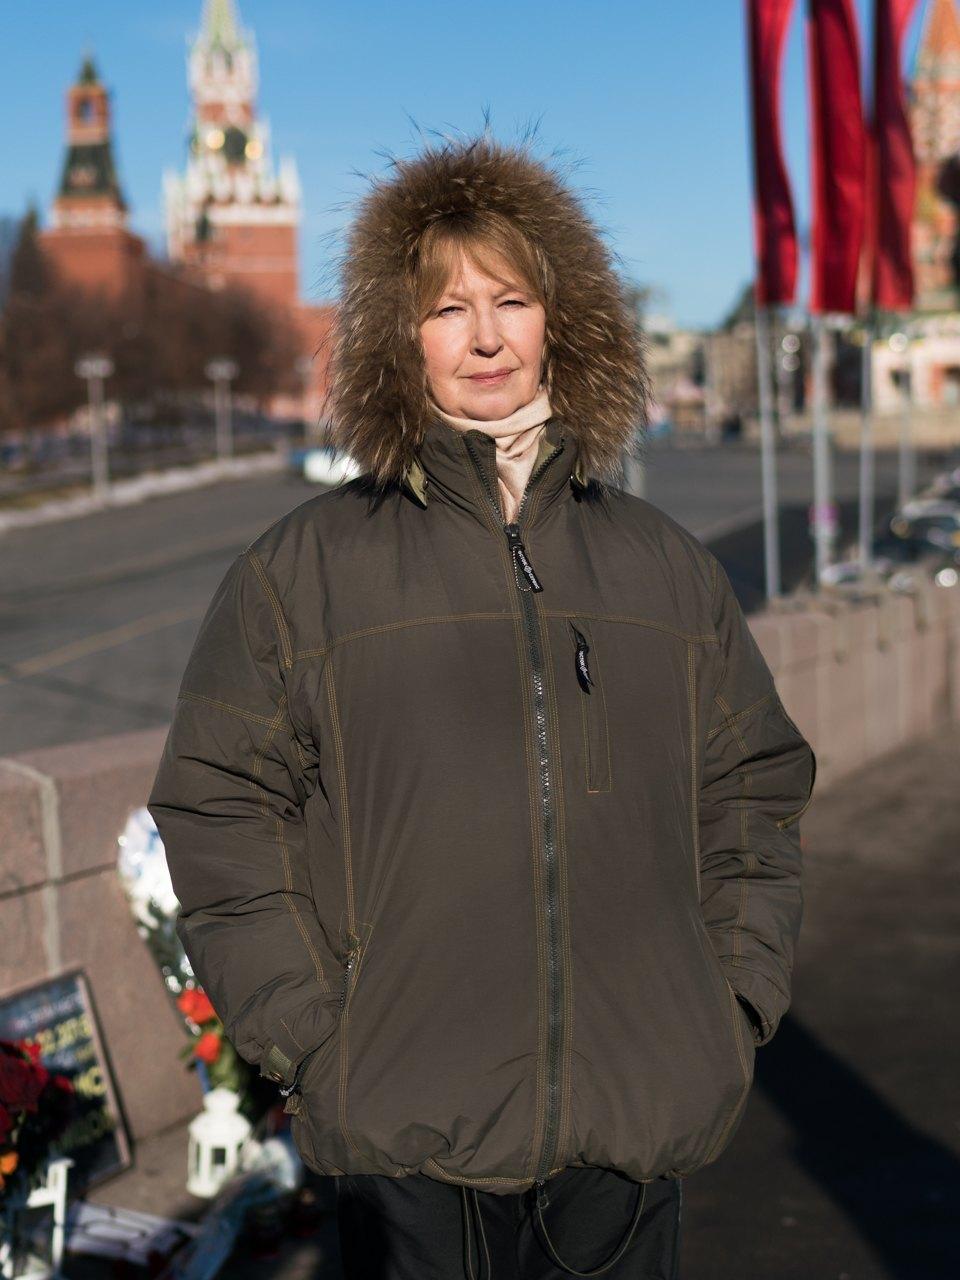 Защитники «Немцова моста» — освоих дежурствах, политике ичувстве долга. Изображение № 2.